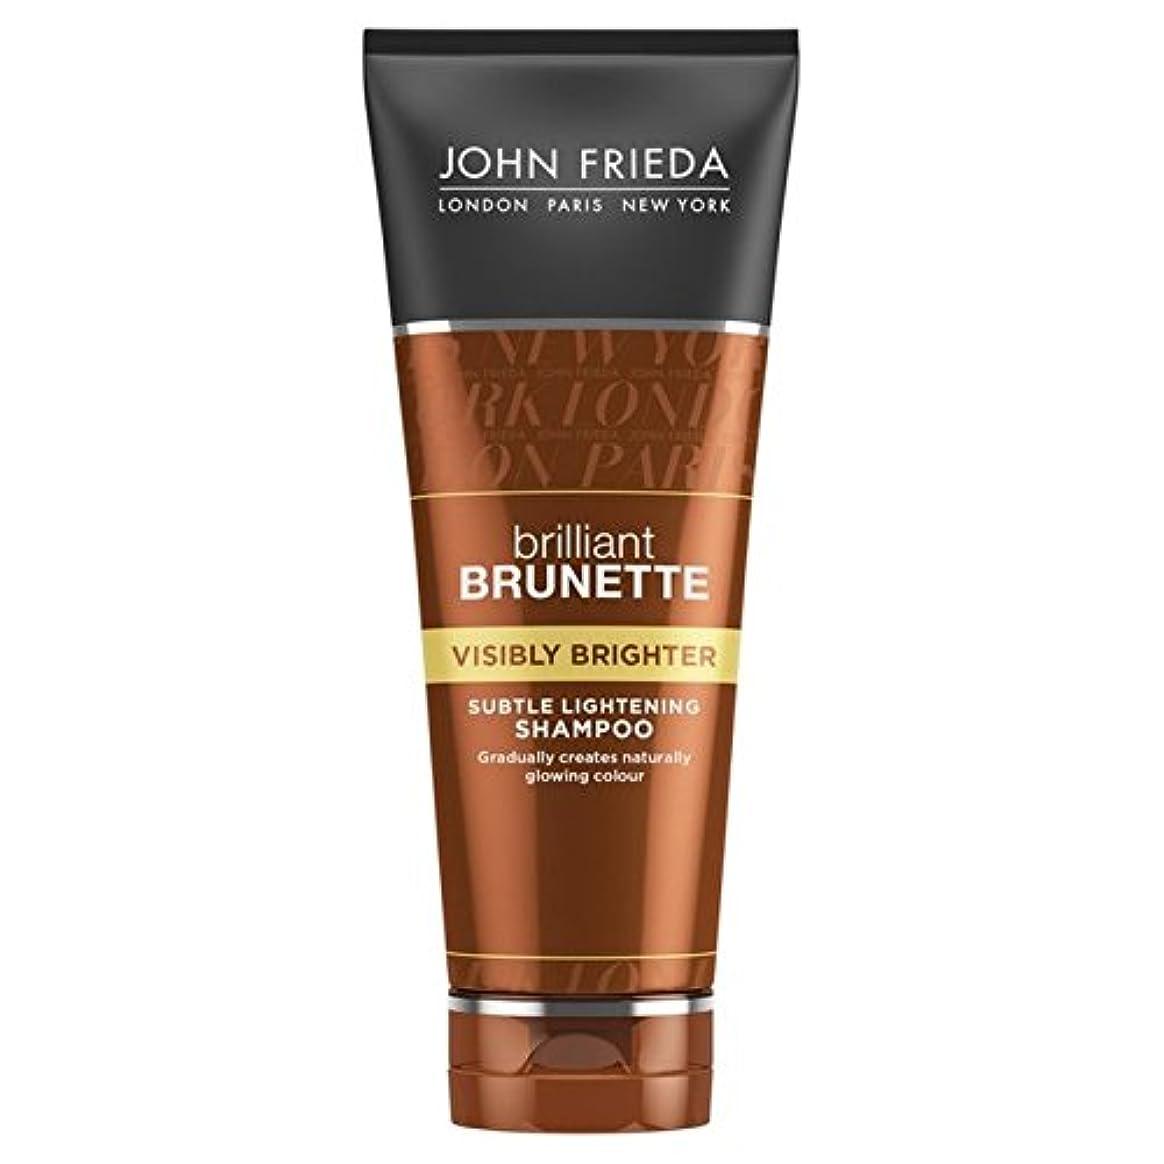 冷凍庫物思いにふける教会John Frieda Brilliant Brunette Visibly Brighter Shampoo 250ml - ジョン?フリーダ華麗なブルネット目に見えて明るくシャンプー250 [並行輸入品]